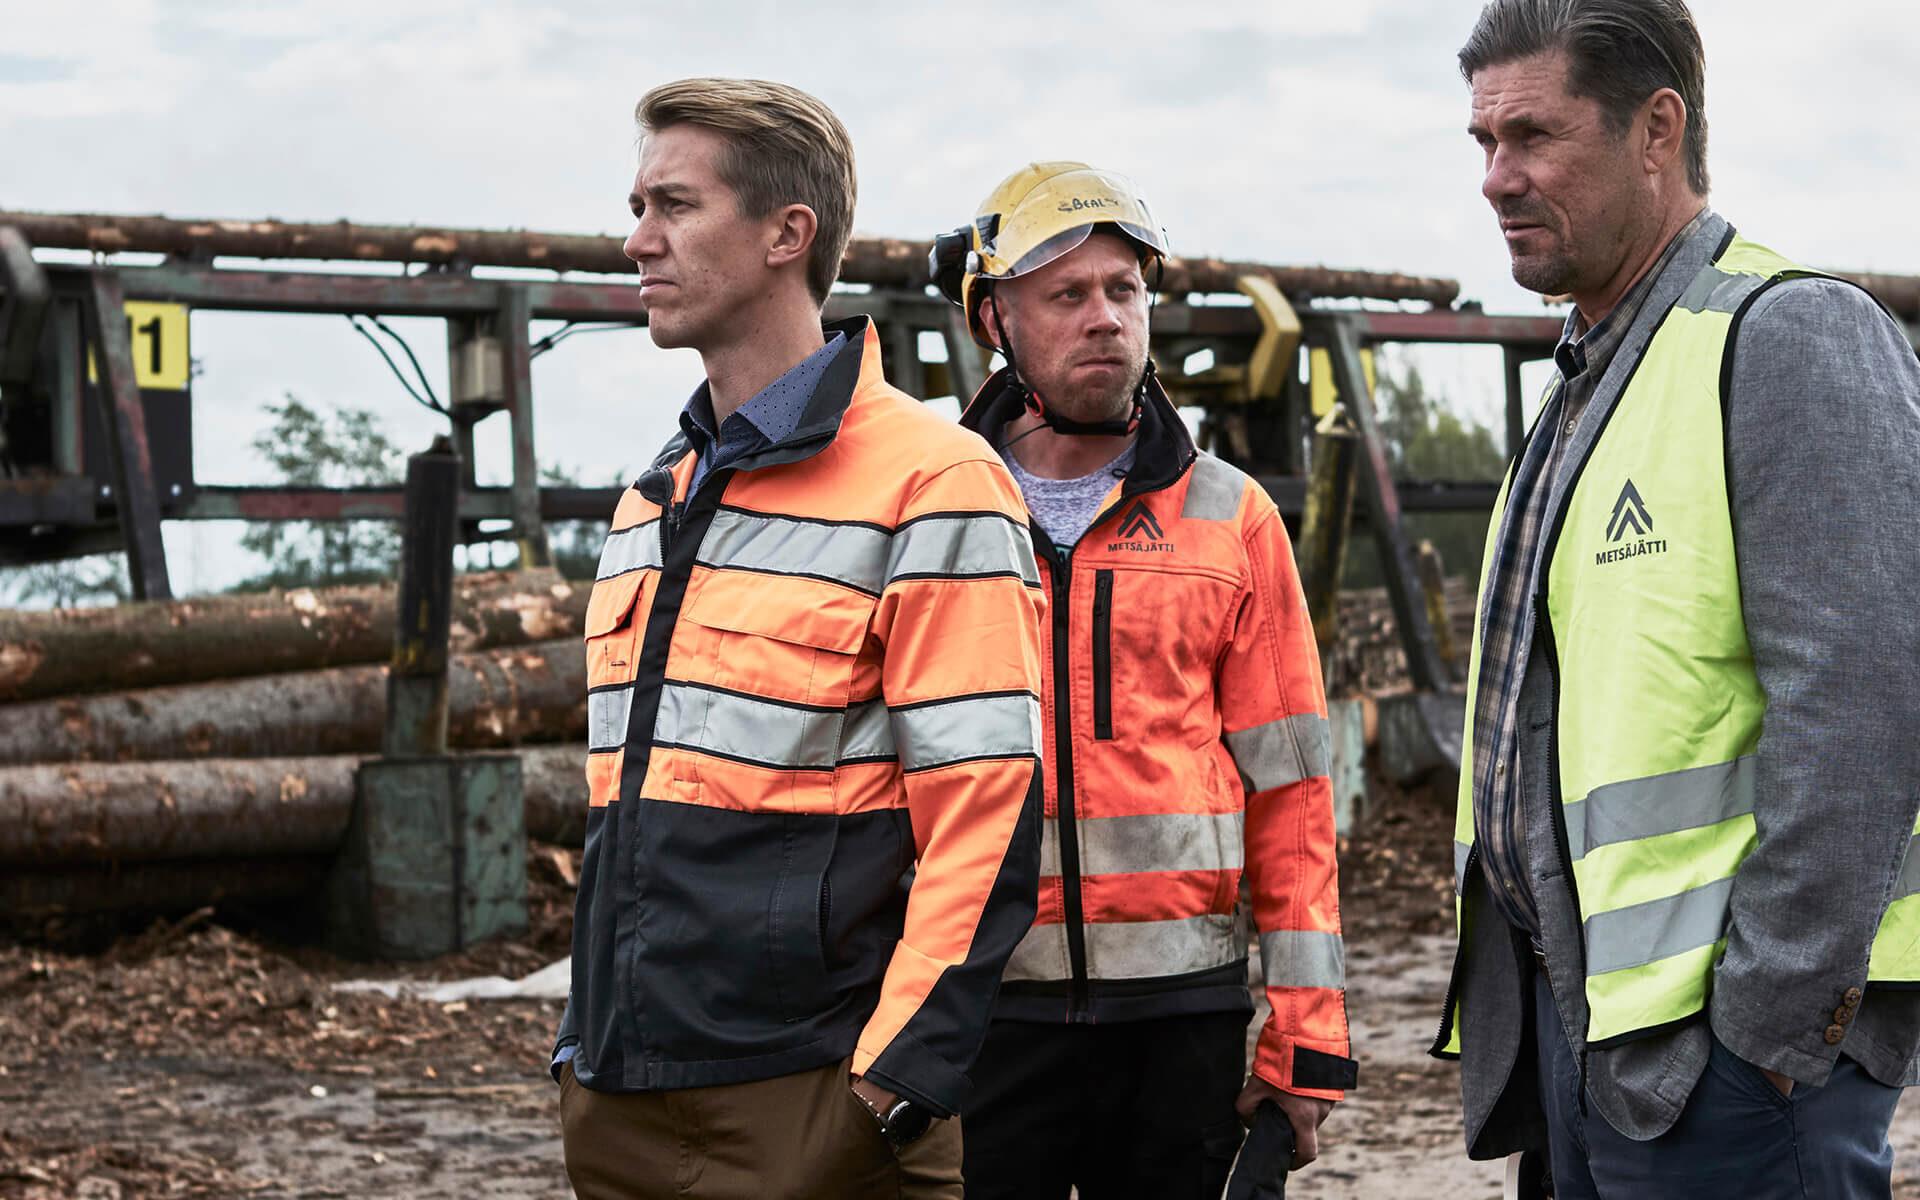 Elokuvan Metsäjätti päähenkilö Pasi kahden muun henkilön kanssa metsätyömaalla.